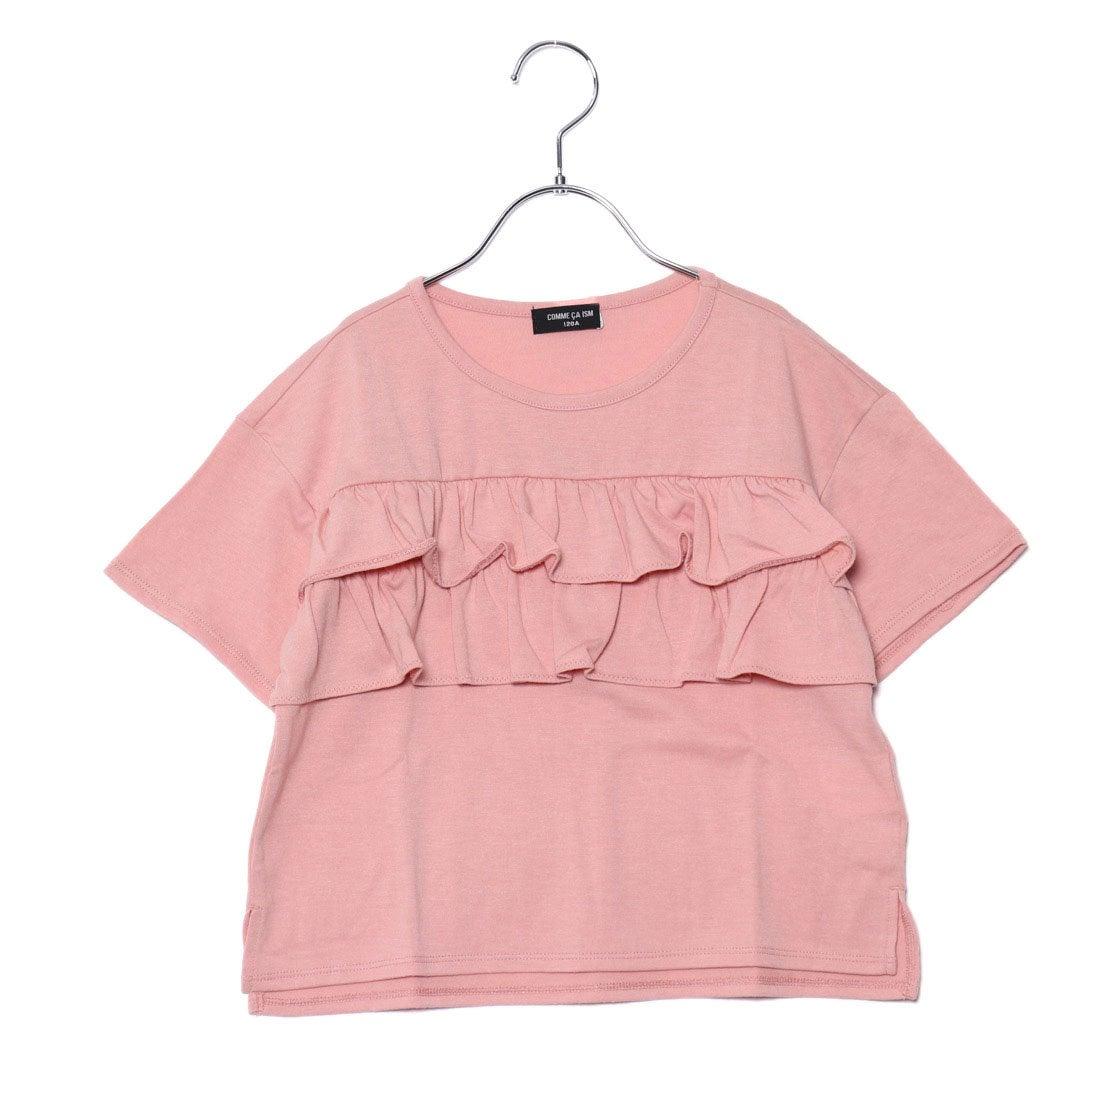 414d33f091955 コムサイズム COMME CA ISM ナチュラルフリルTシャツ (ピンク) -アウトレット通販 ロコレット (LOCOLET)